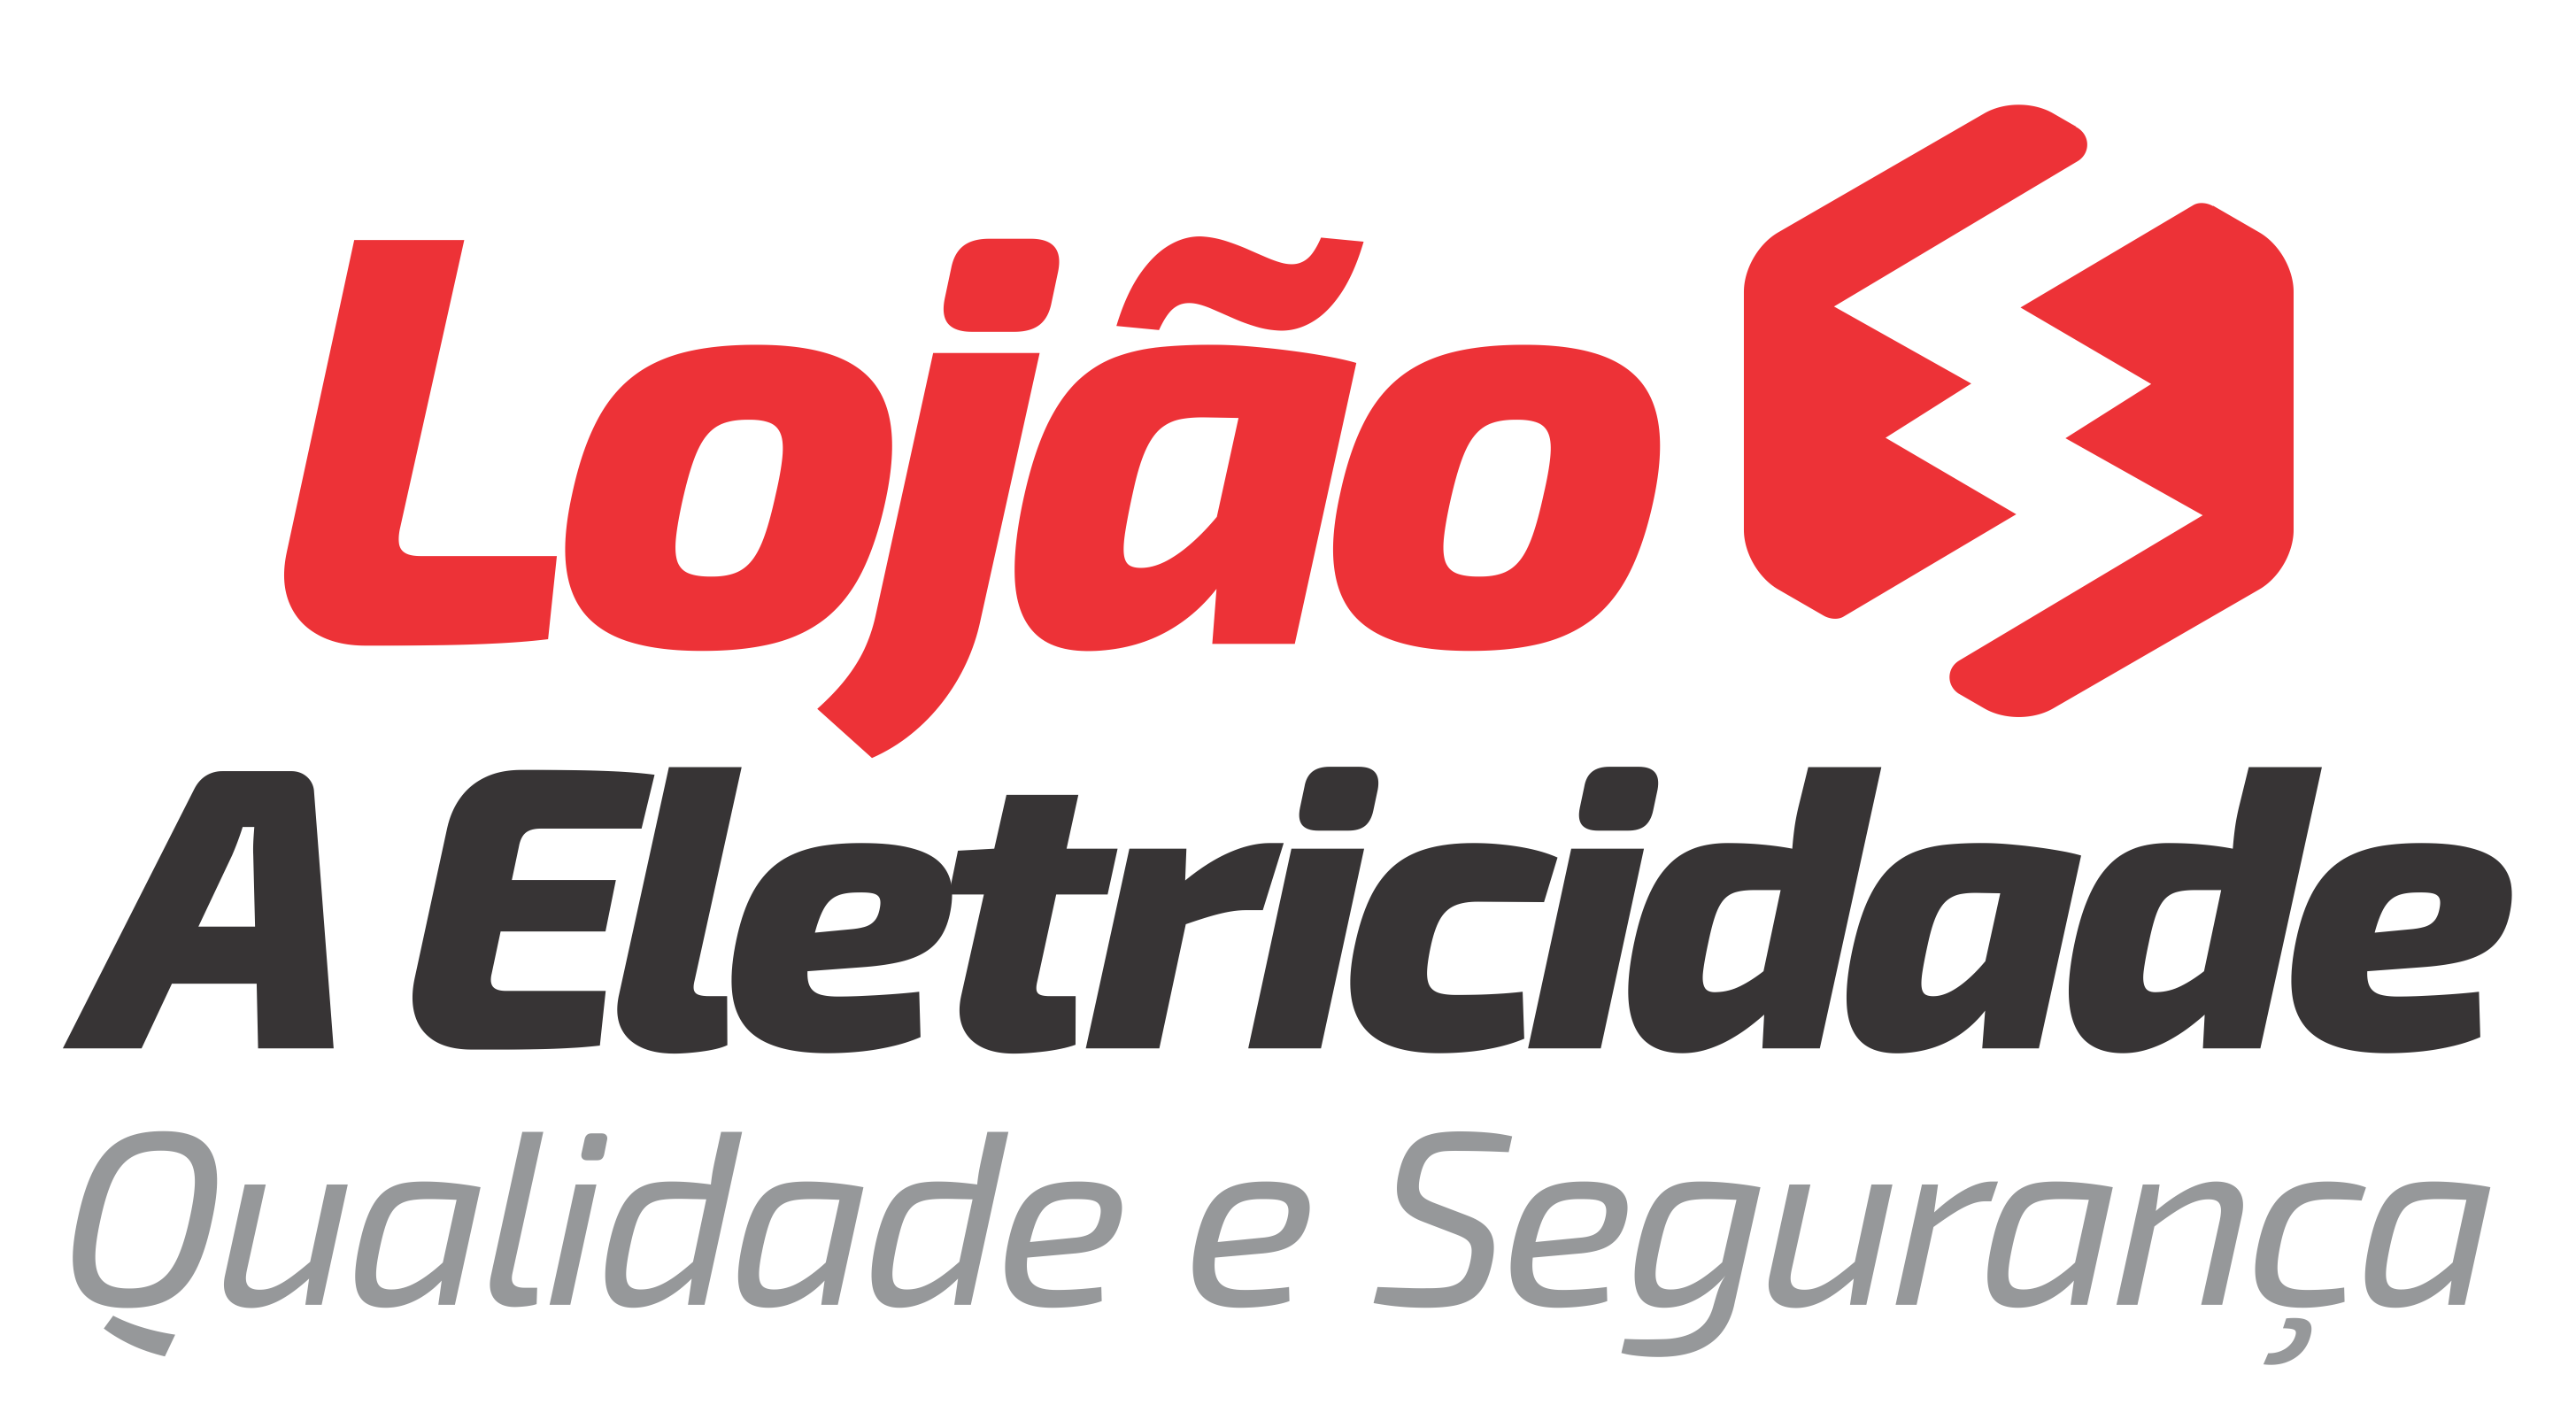 Lojao A Eletricidade - Vetor COREL - Colorido - com Slogam.png